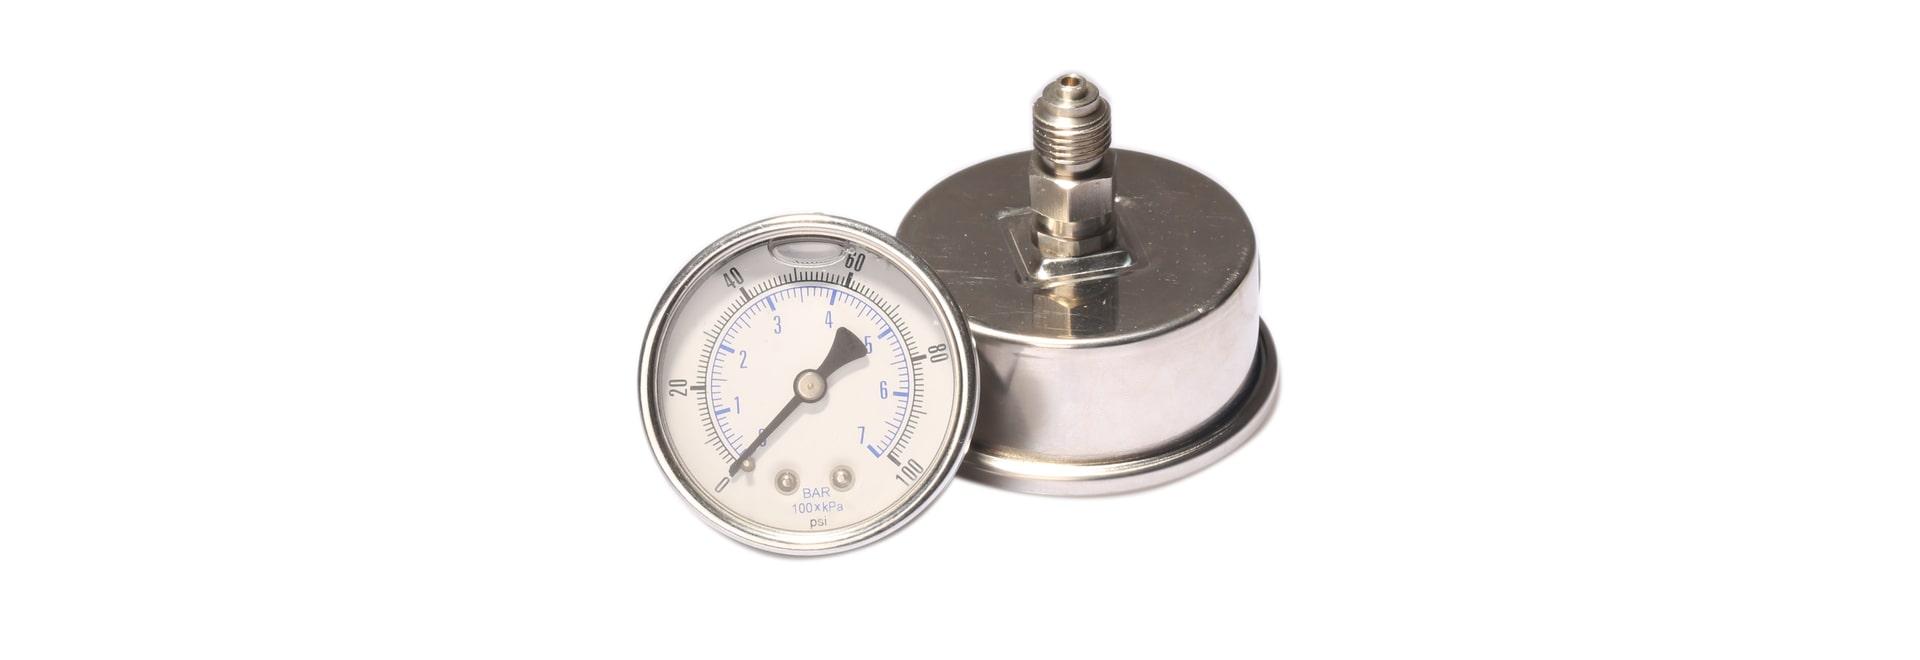 Cómo rellenar el aceite en el manómetro